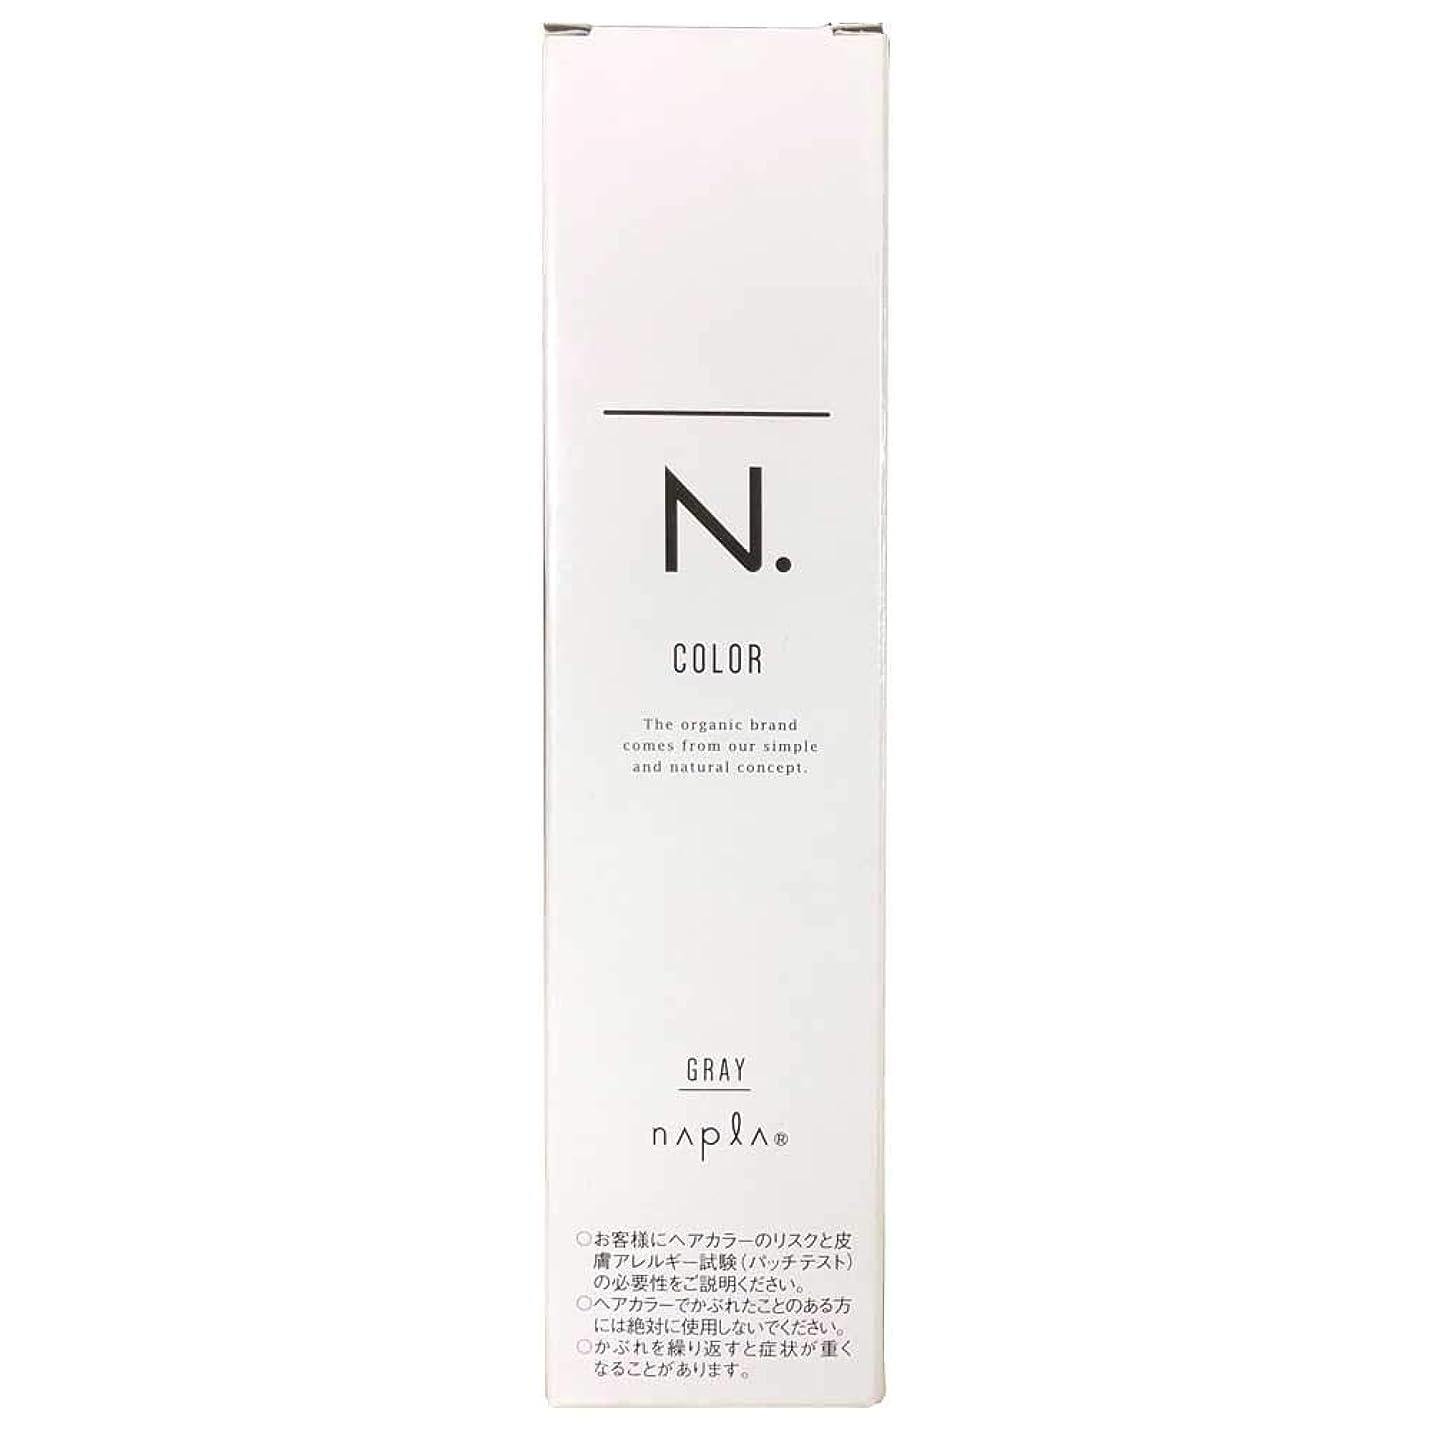 幸運オリエンタルしばしばナプラ エヌドットカラー グレイファッション 第1剤 80g (G-4NB)